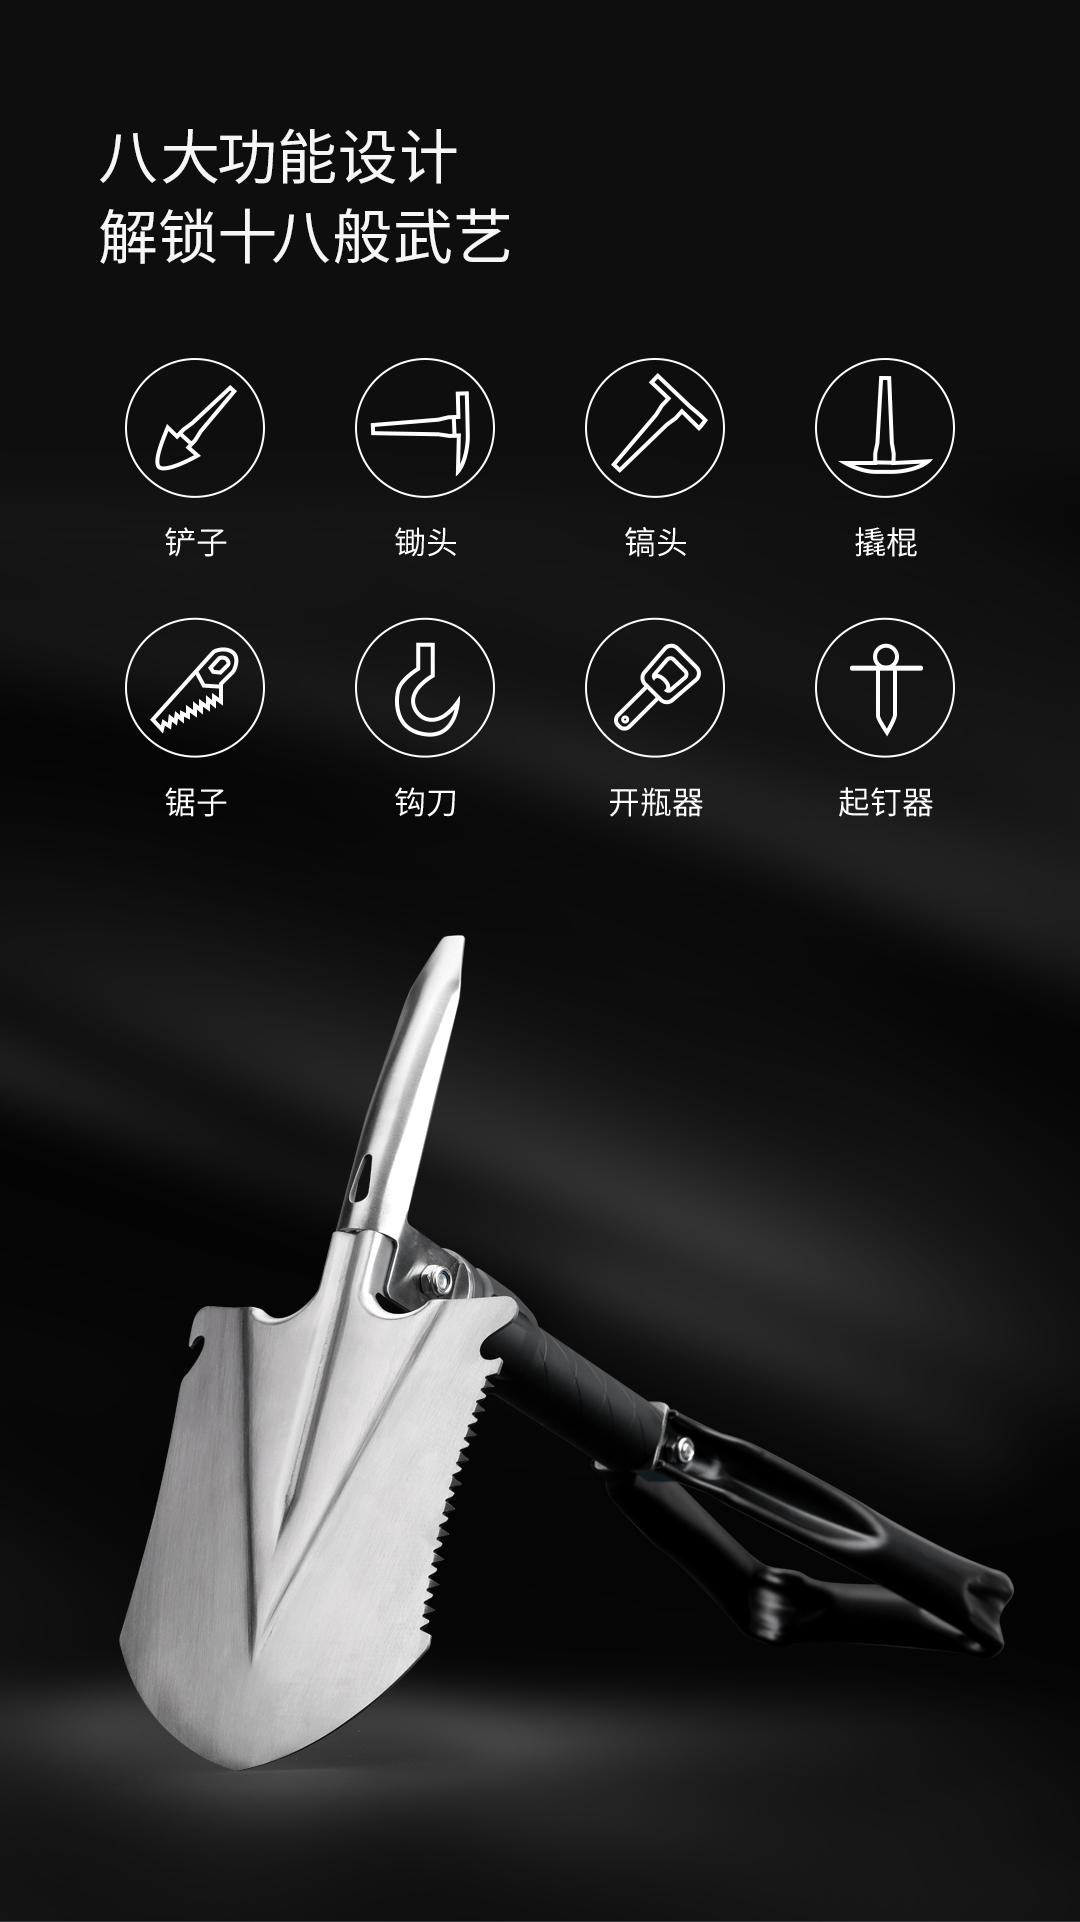 Pala Nextool Xiaomi, lo último a la venta en Youpin - Noticias Xiaomi